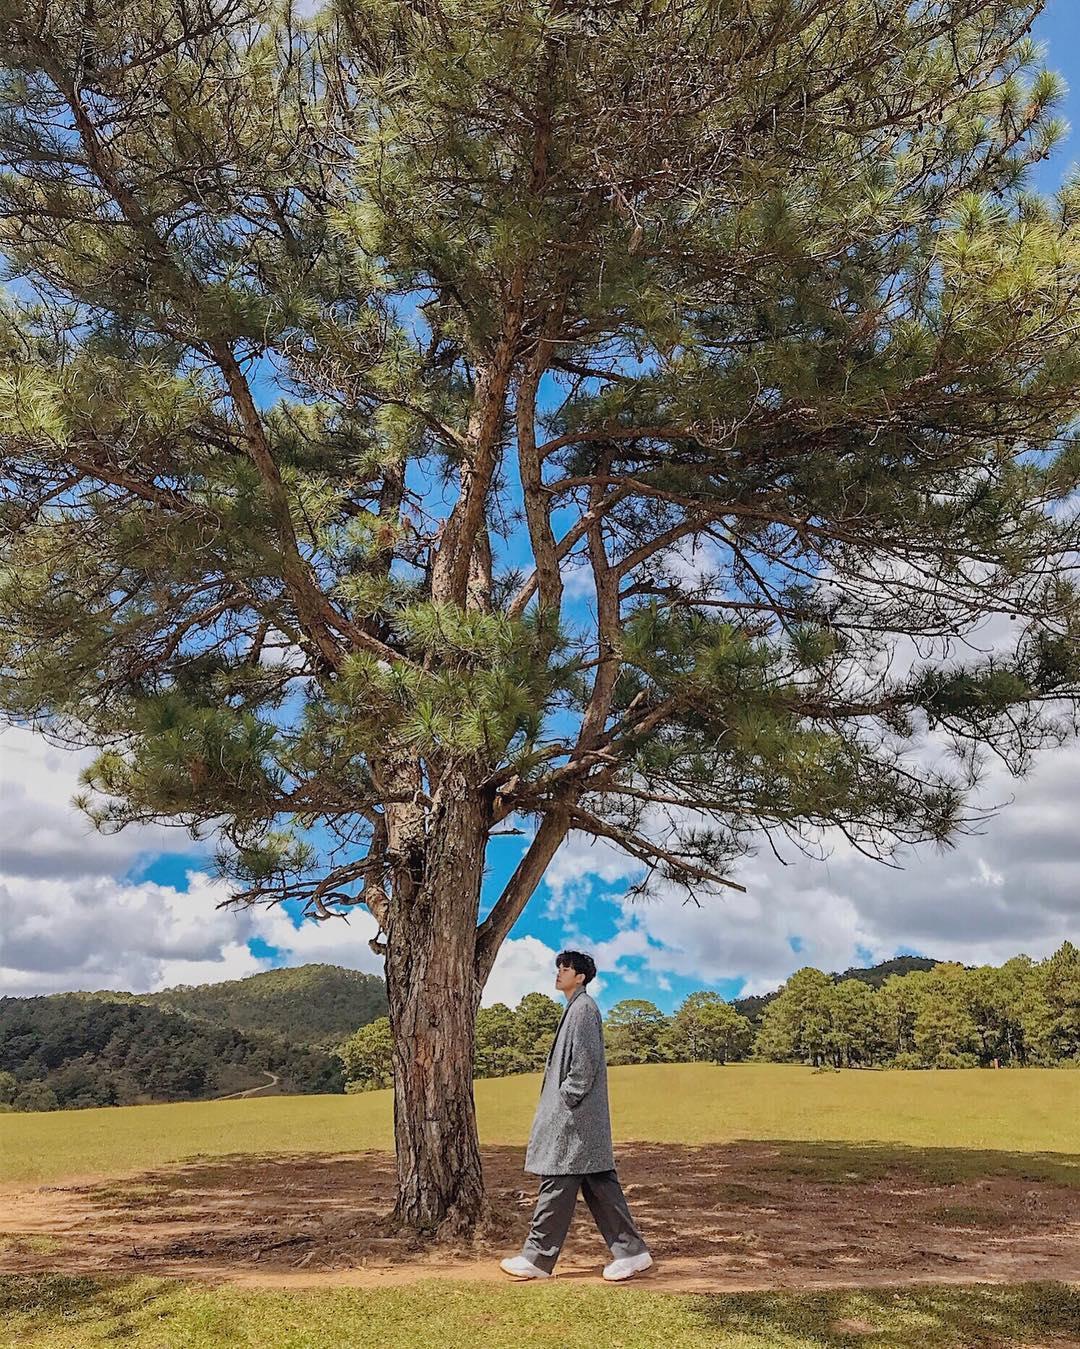 Dọc miền đất nước khám phá cảnh đẹp Ninh Bình, Huế, Đà Lạt Ảnh 13